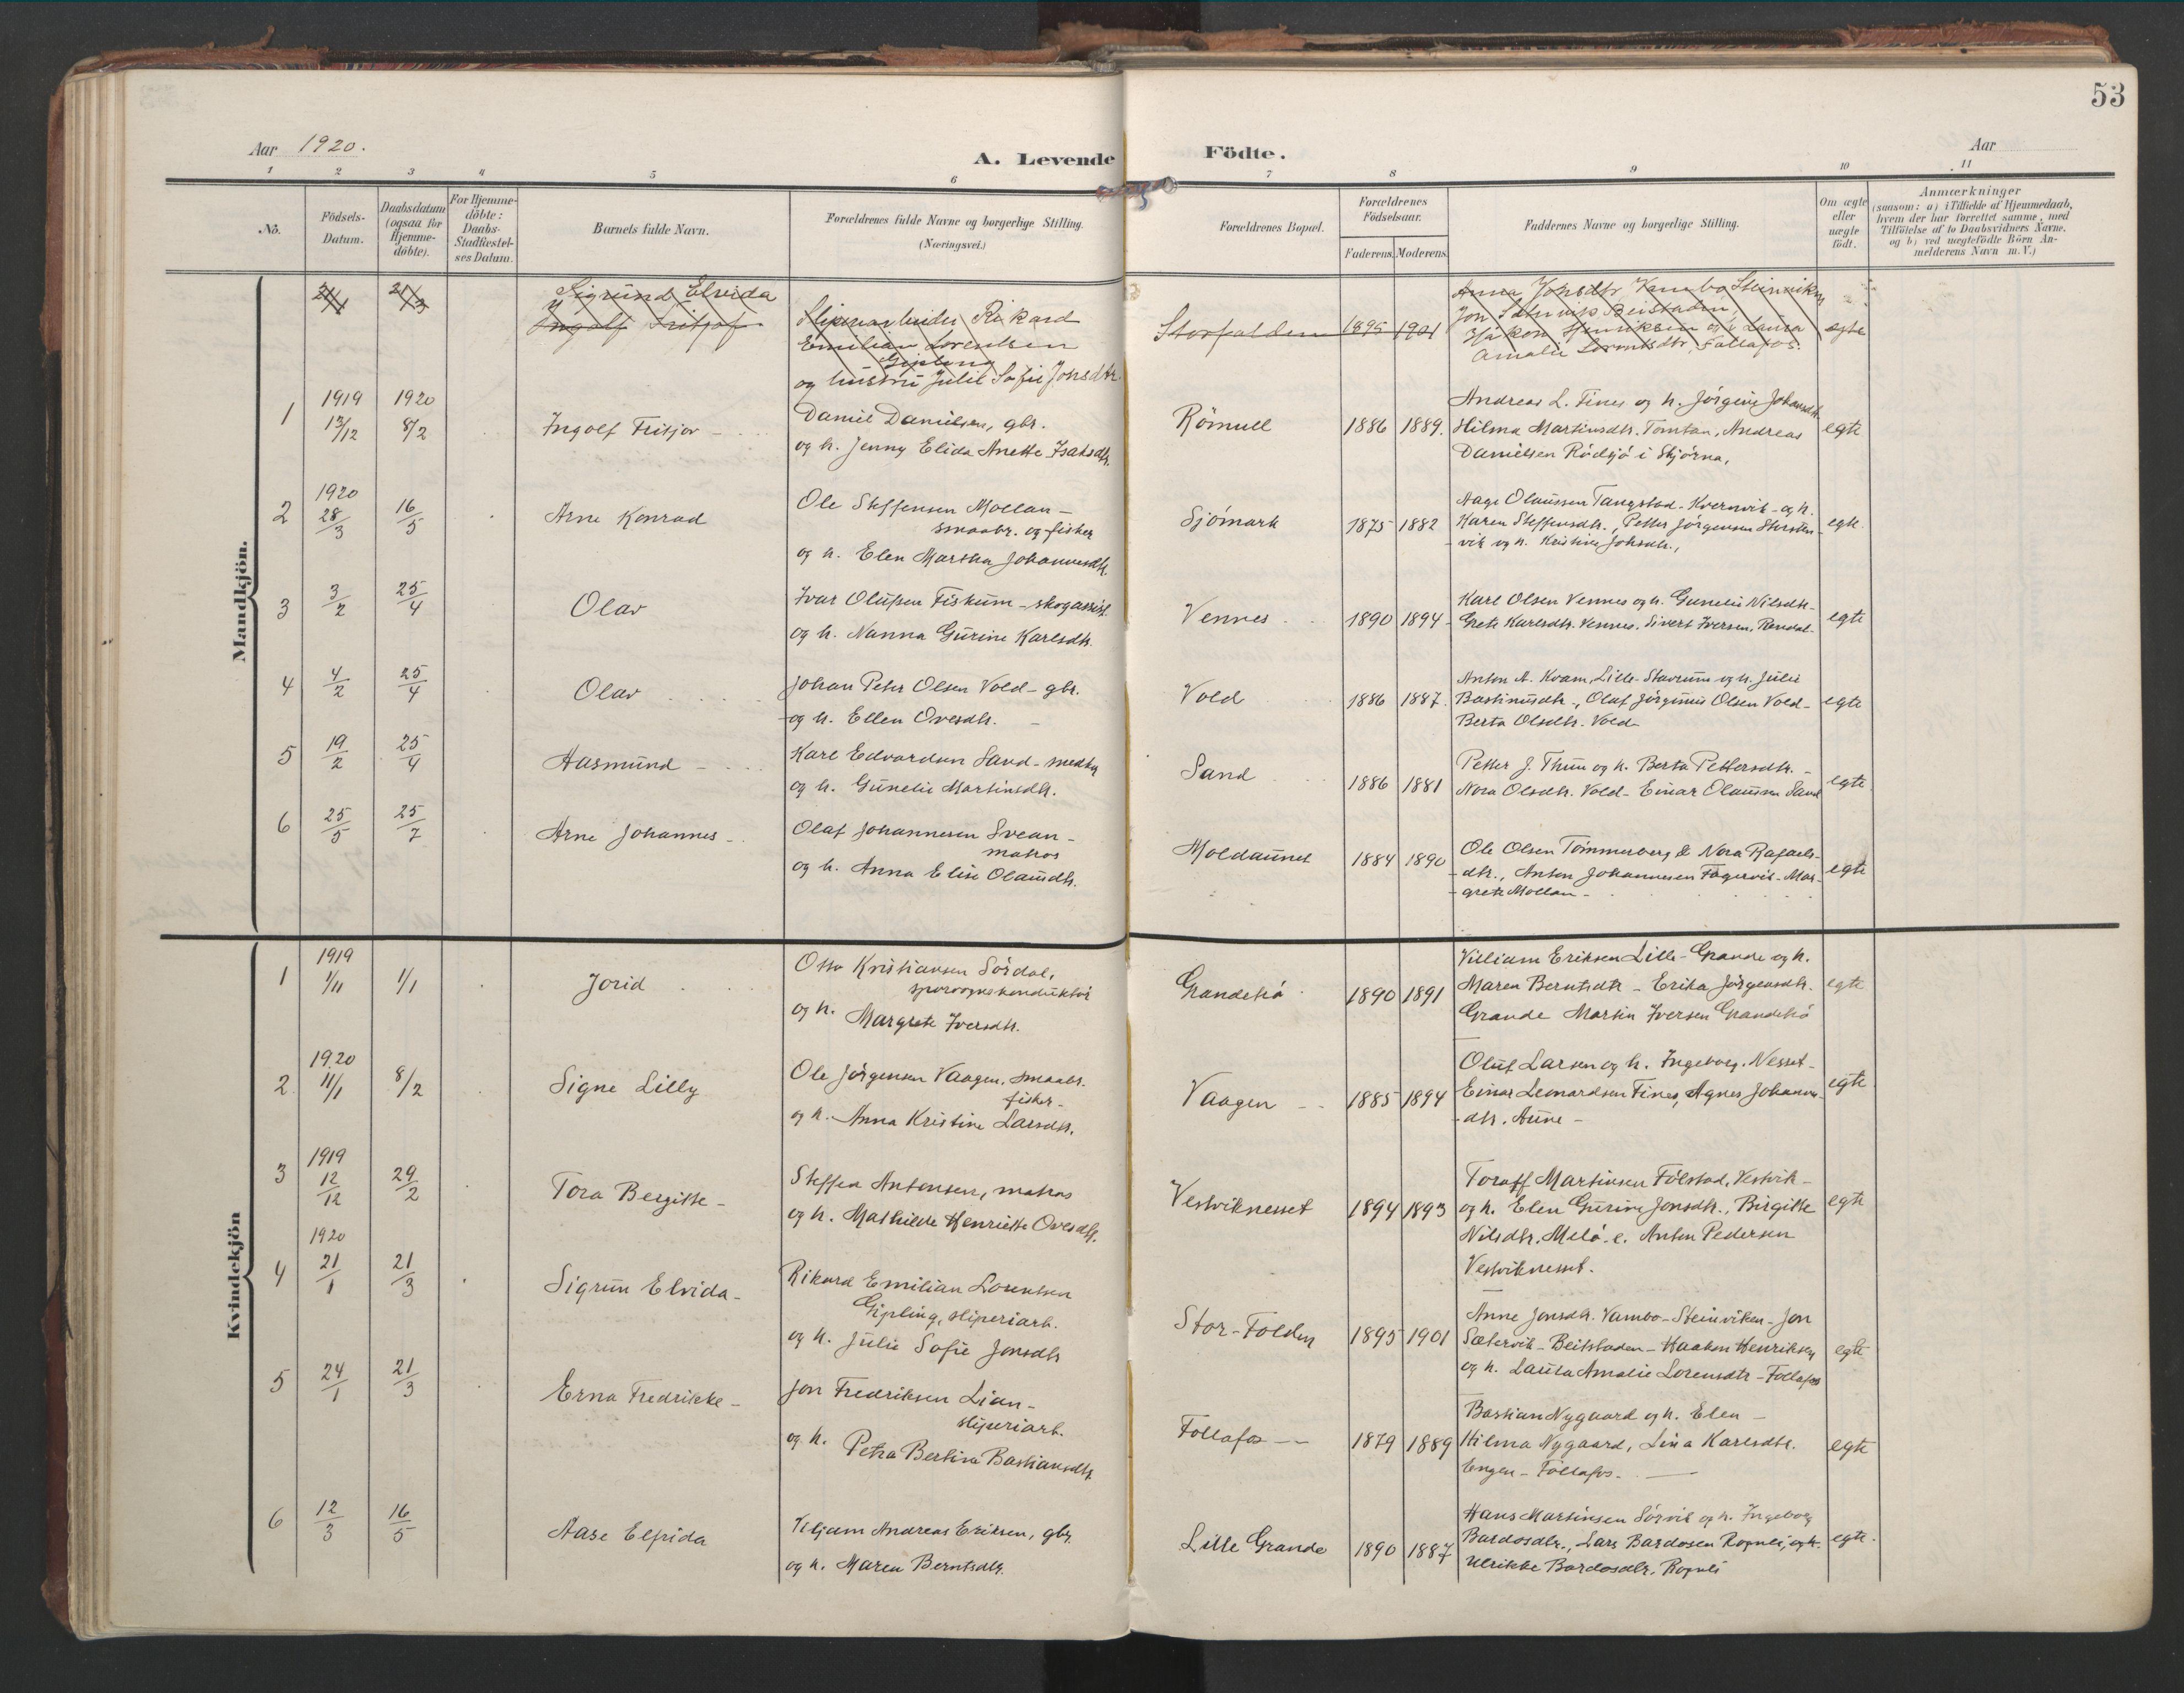 SAT, Ministerialprotokoller, klokkerbøker og fødselsregistre - Nord-Trøndelag, 744/L0421: Ministerialbok nr. 744A05, 1905-1930, s. 53